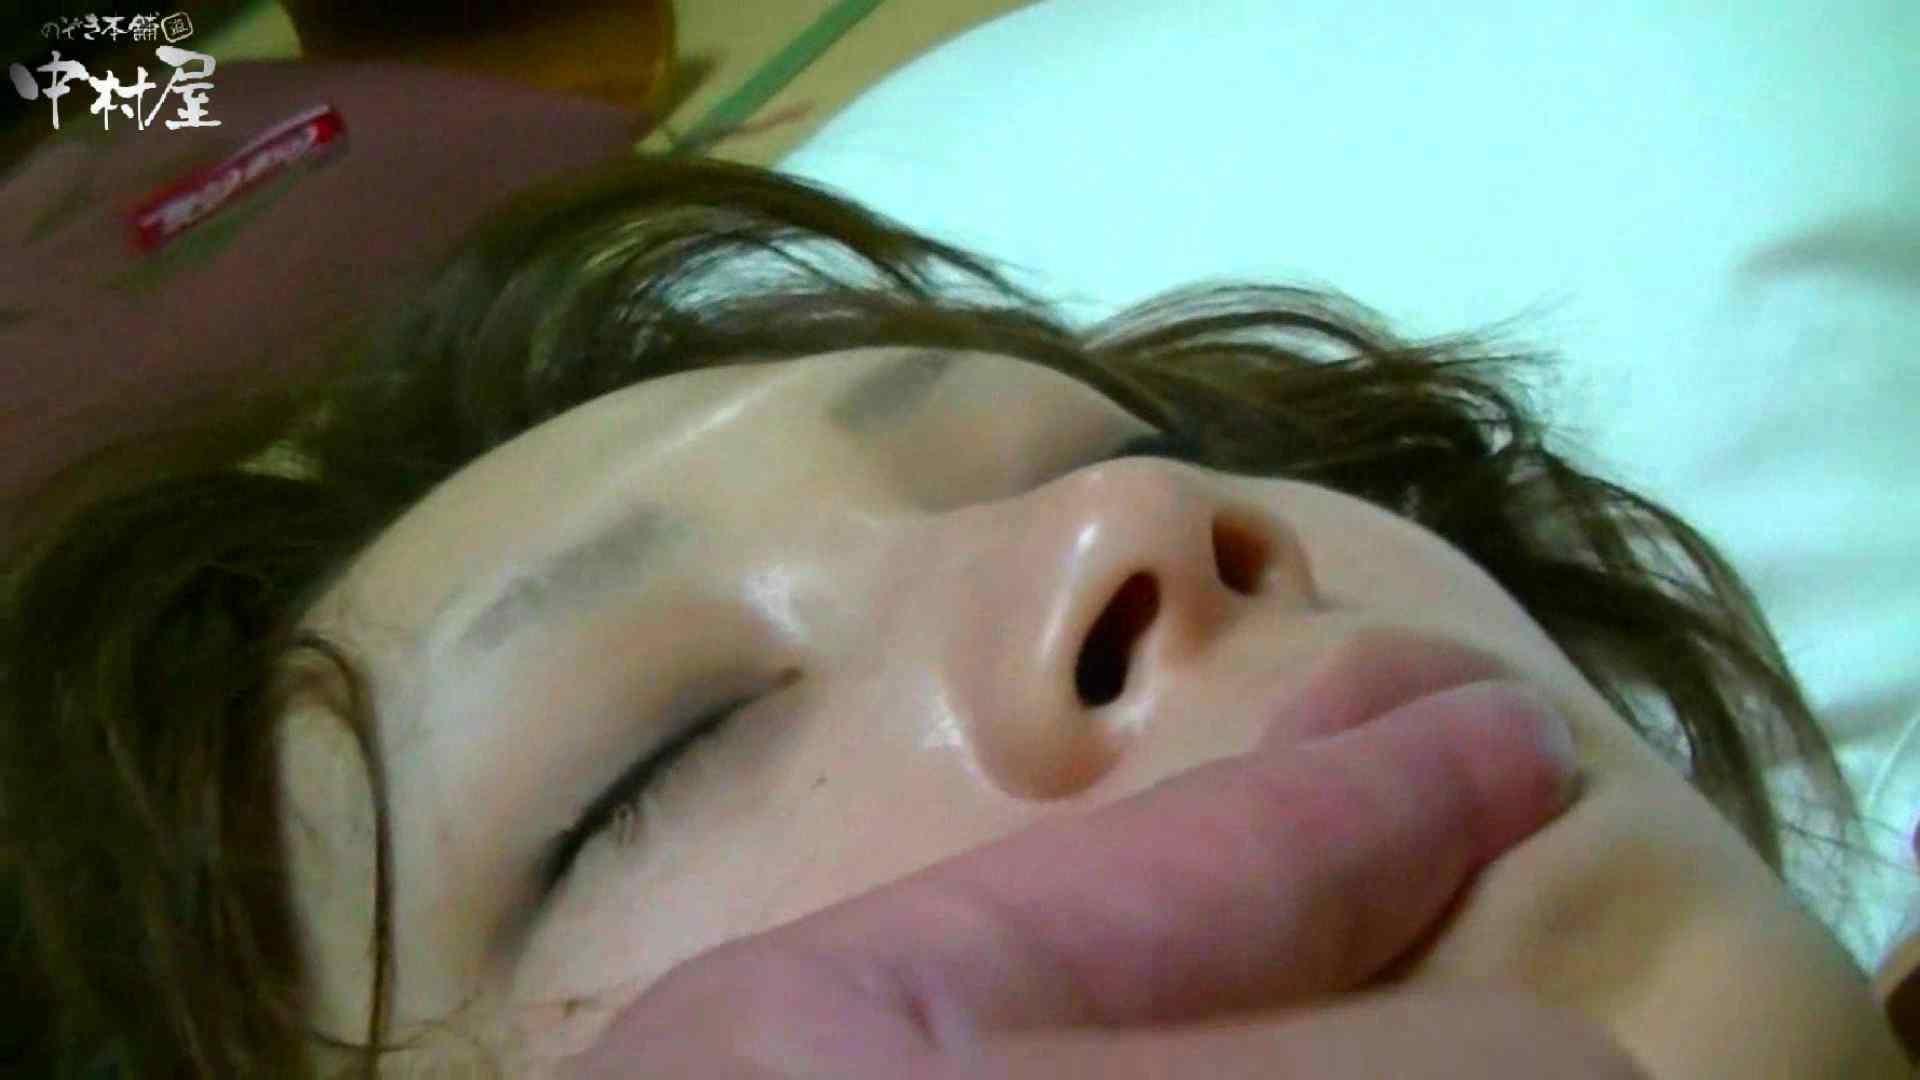 ネムリ姫 vol.18 ぱっくり下半身 オマンコ動画キャプチャ 106画像 53